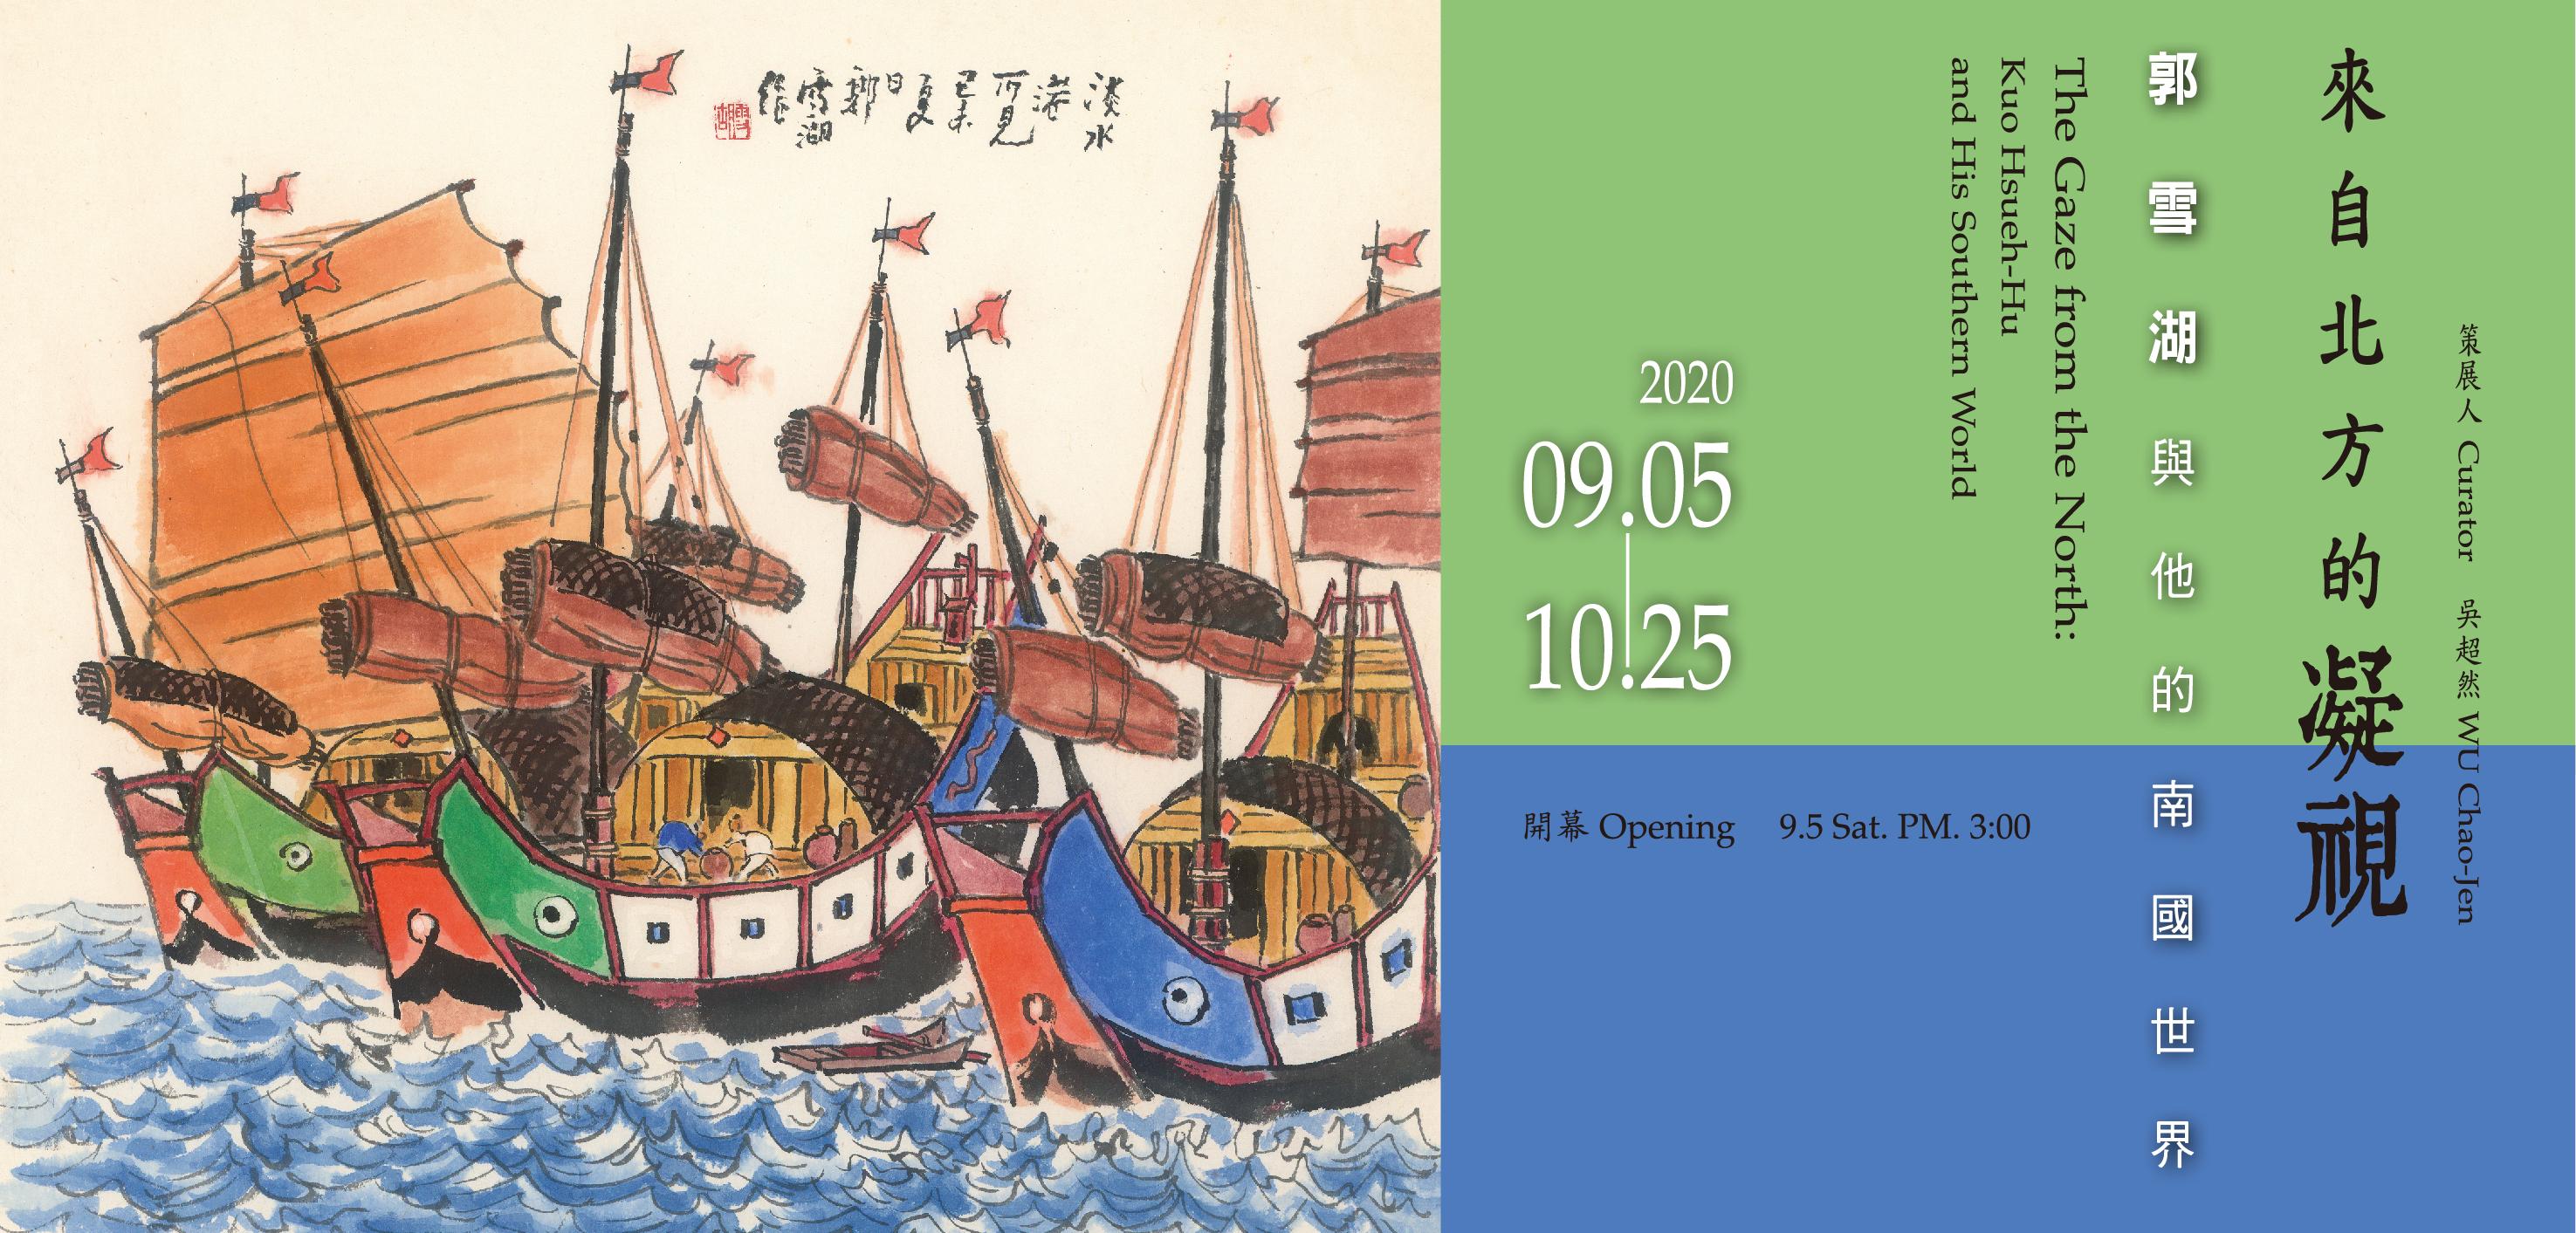 2020郭雪湖展覽_網頁_News_708x339-01